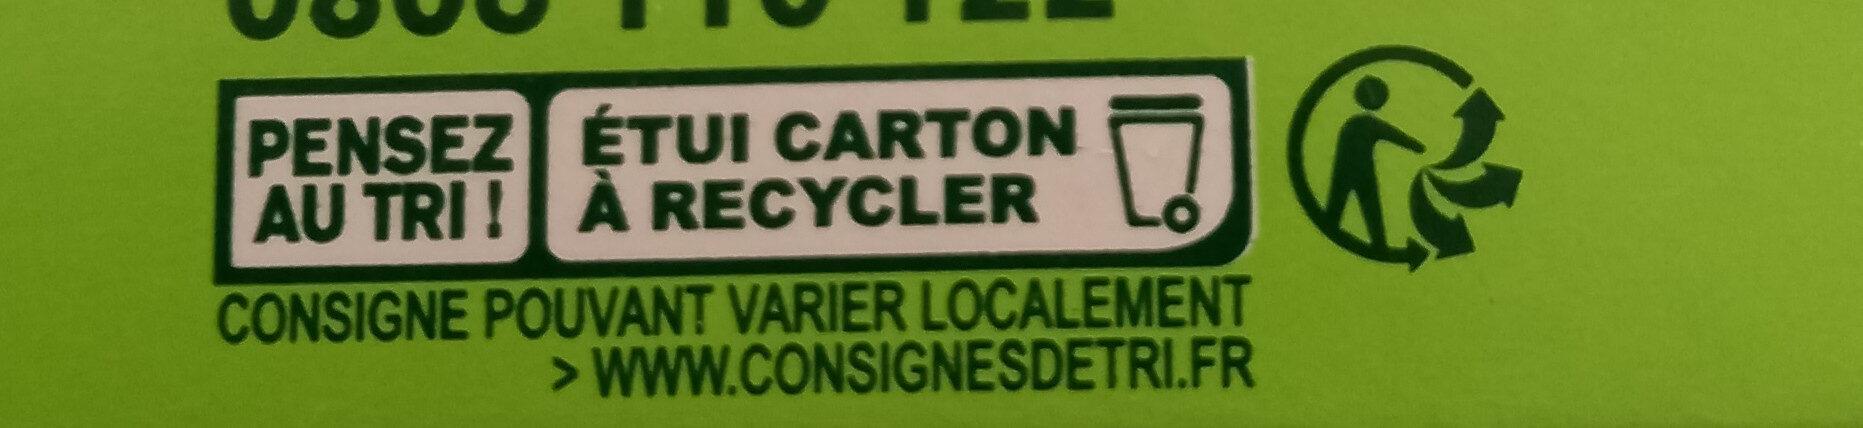 L'oeuf qui ne tue pas la poule - Istruzioni per il riciclaggio e/o informazioni sull'imballaggio - fr